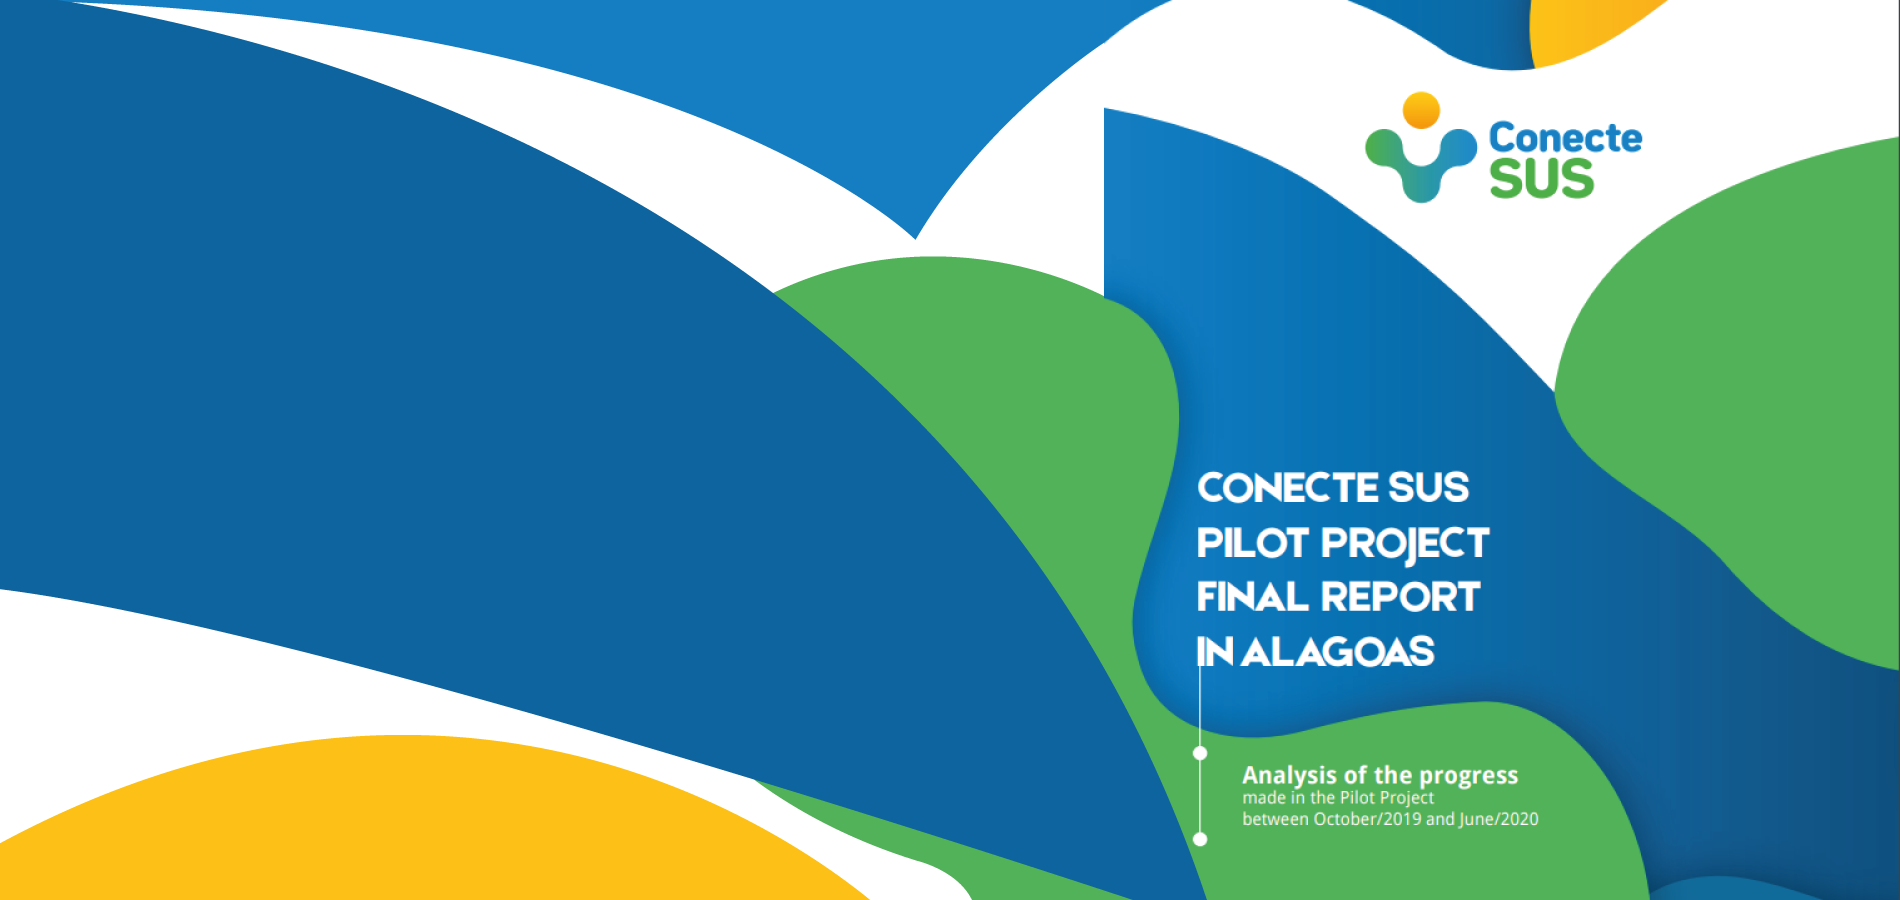 DATASUS disponibiliza versão em inglês do Relatório do Projeto Piloto do Conecte SUS